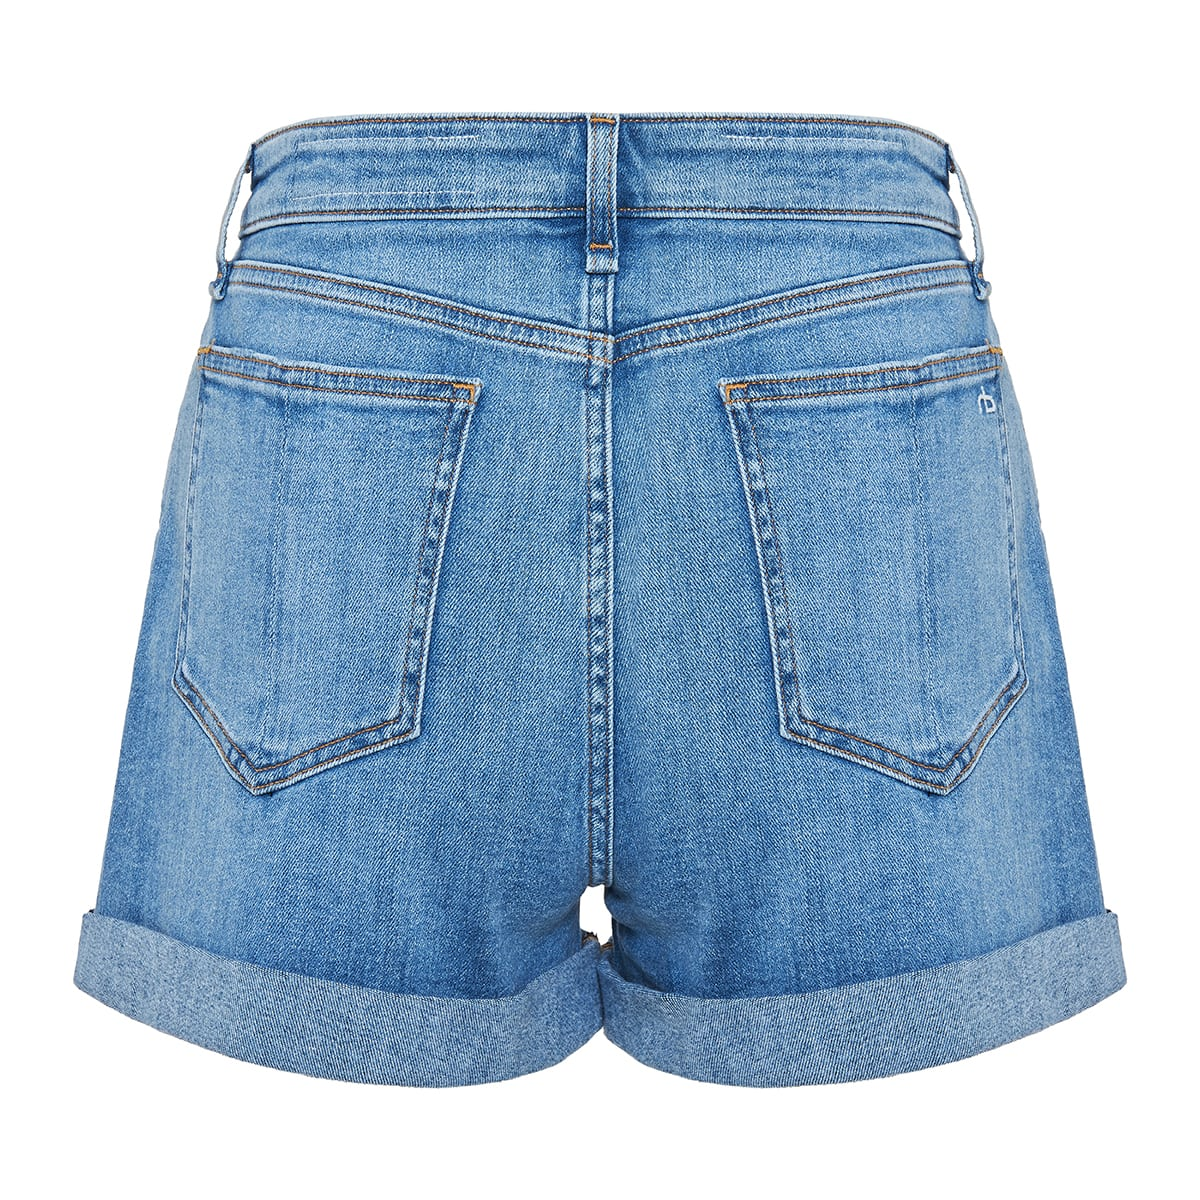 Nina denim shorts